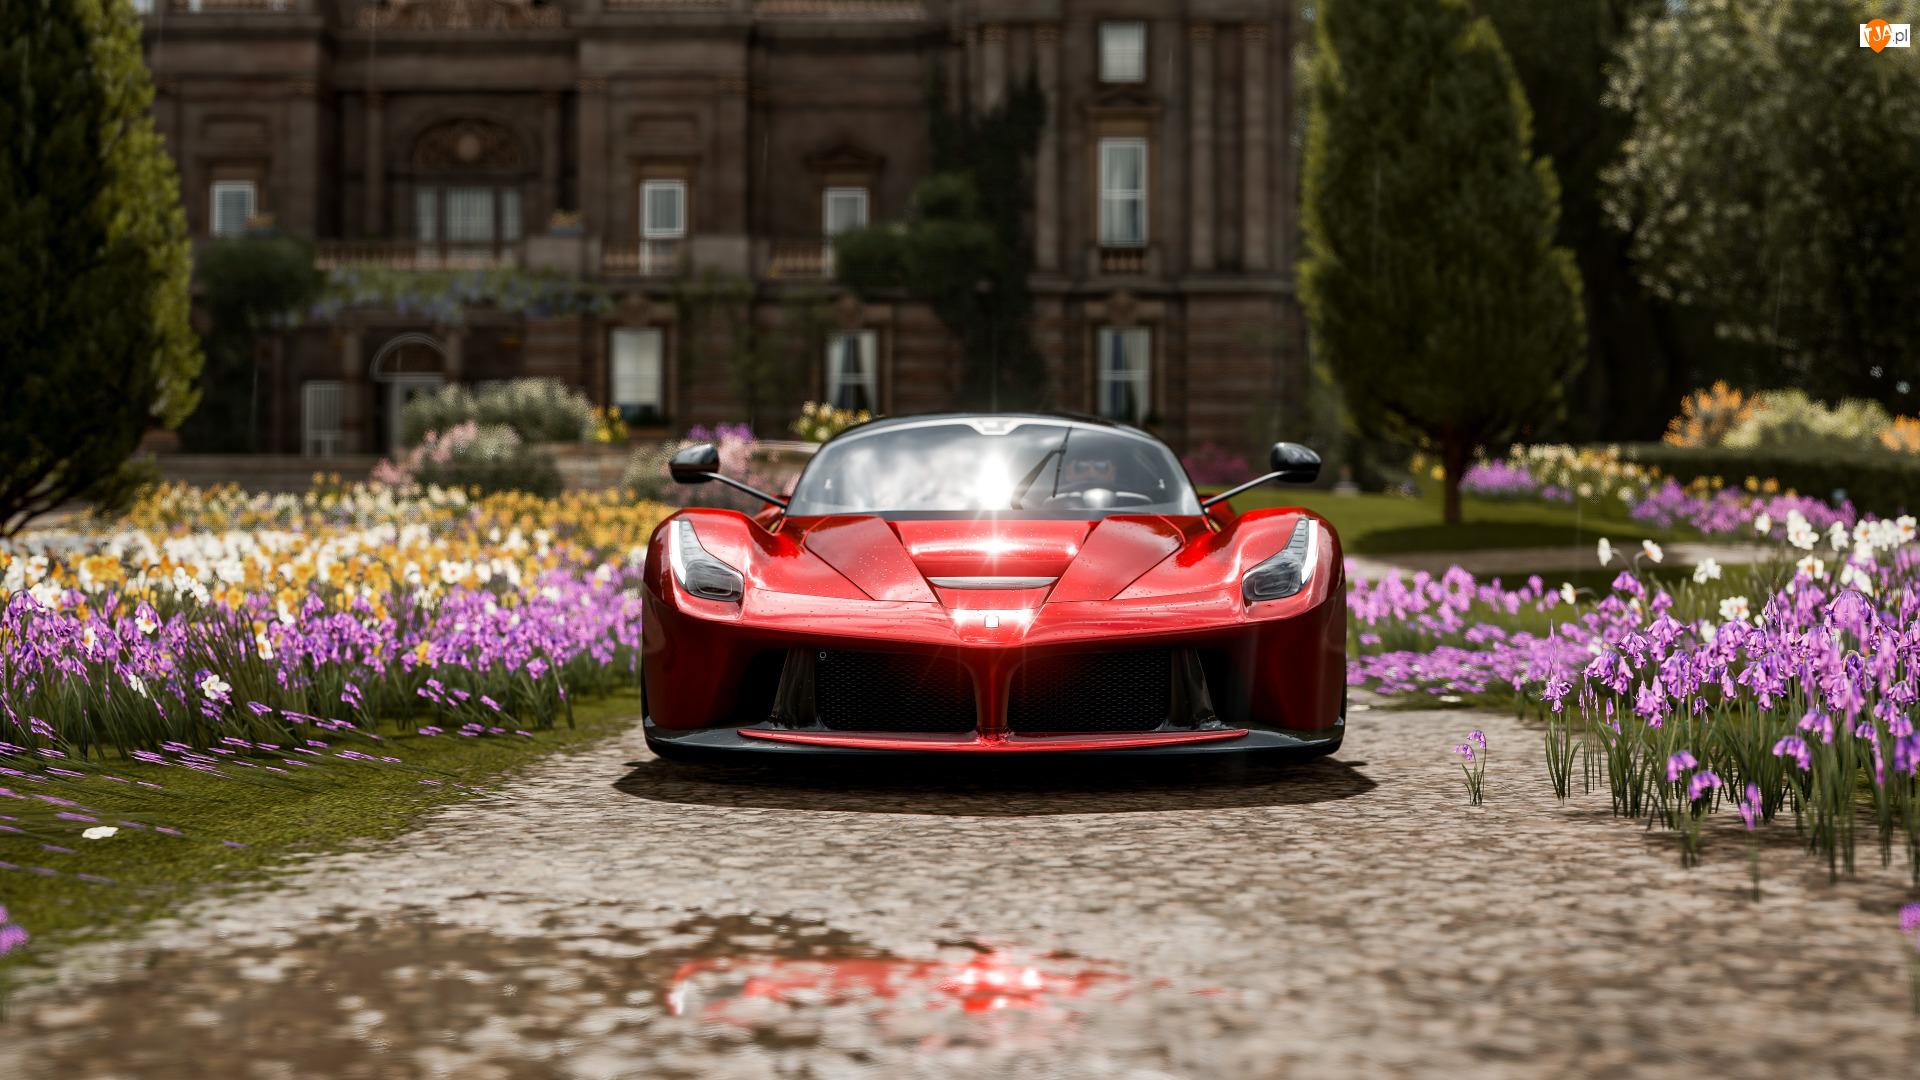 LaFerrari, Gra, Forza Horizon 4, Czerwone